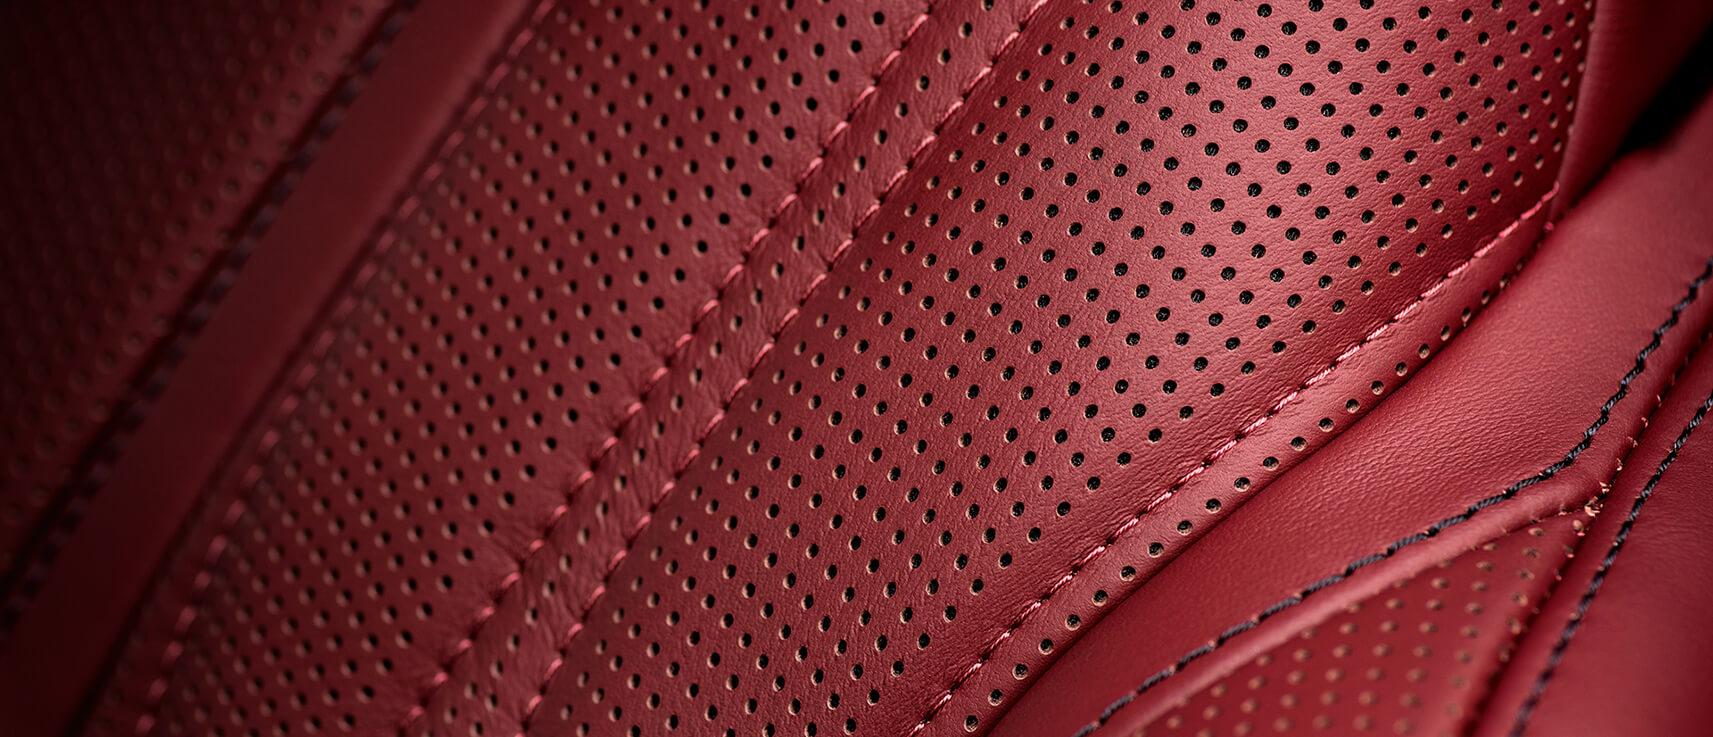 Vue de près sur du cuir rouge